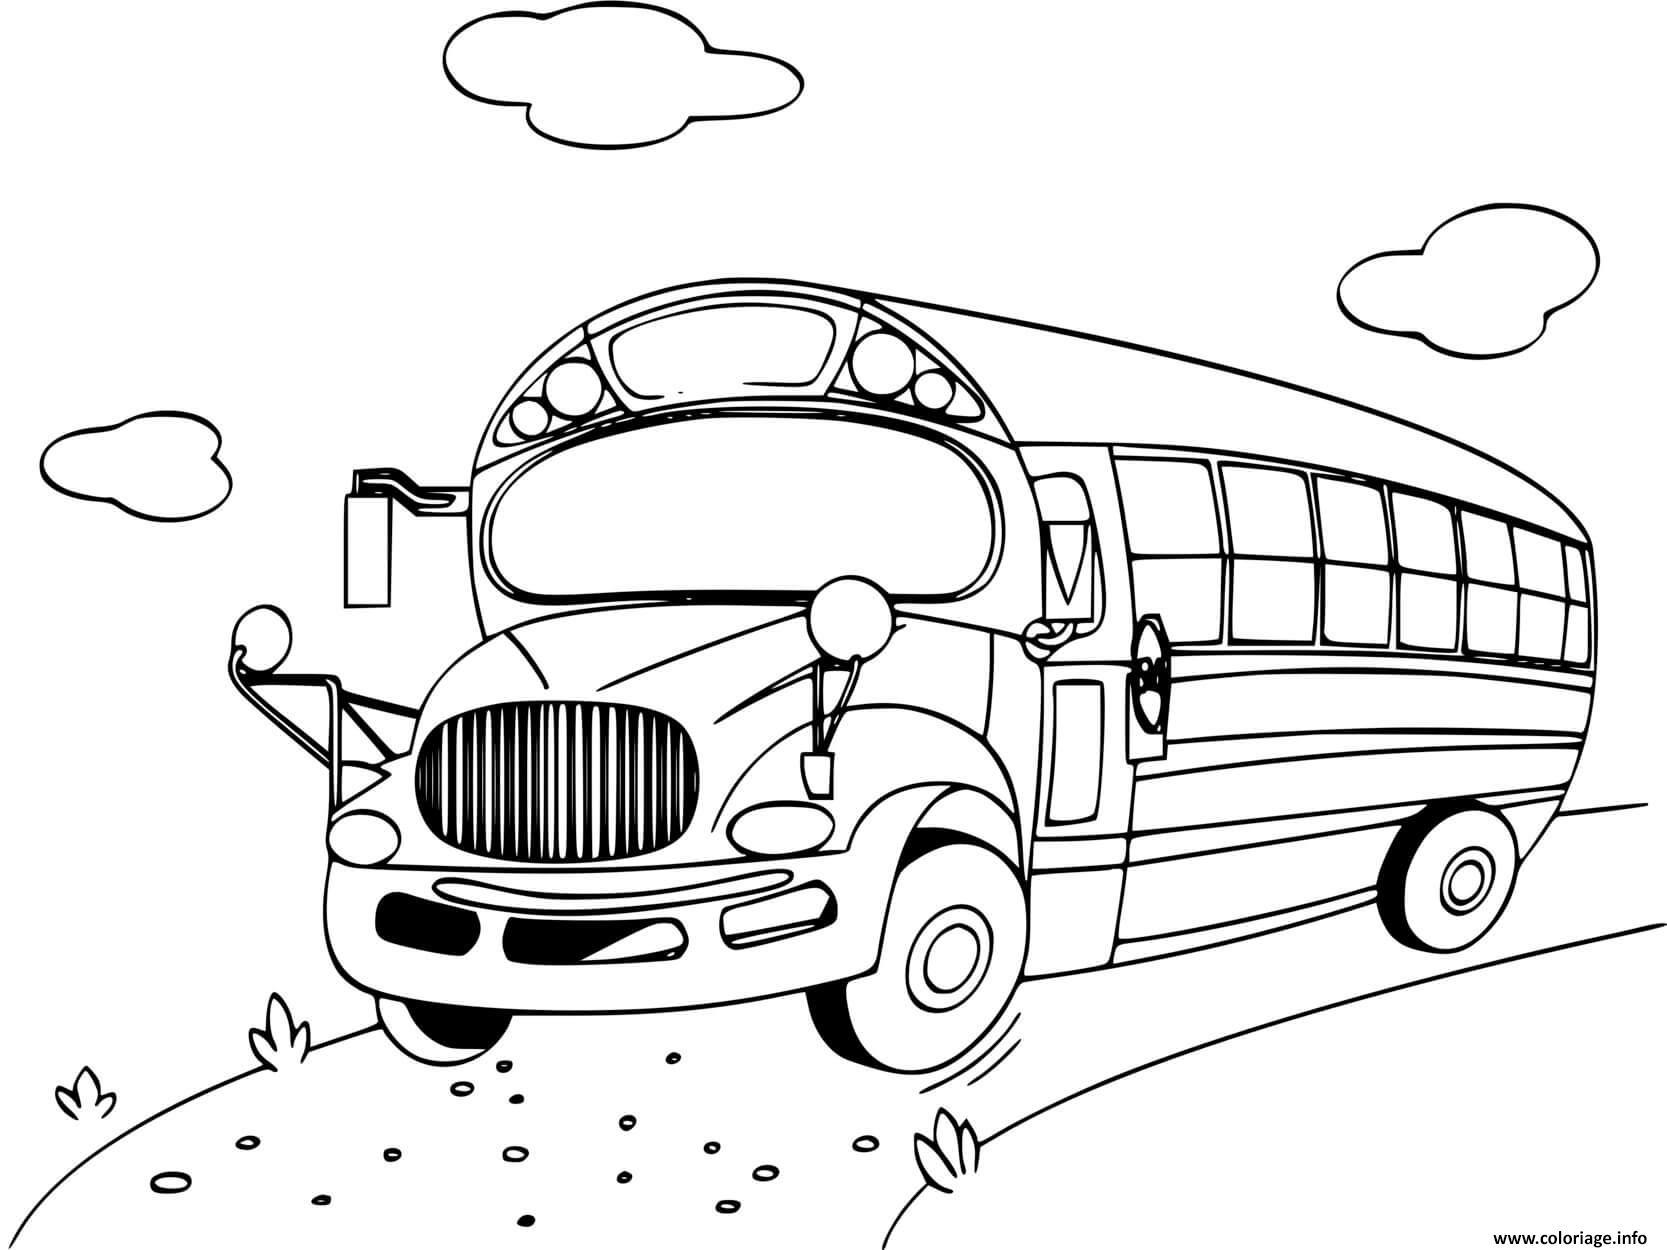 Dessin rentree scolaire le bus pour l ecole Coloriage Gratuit à Imprimer